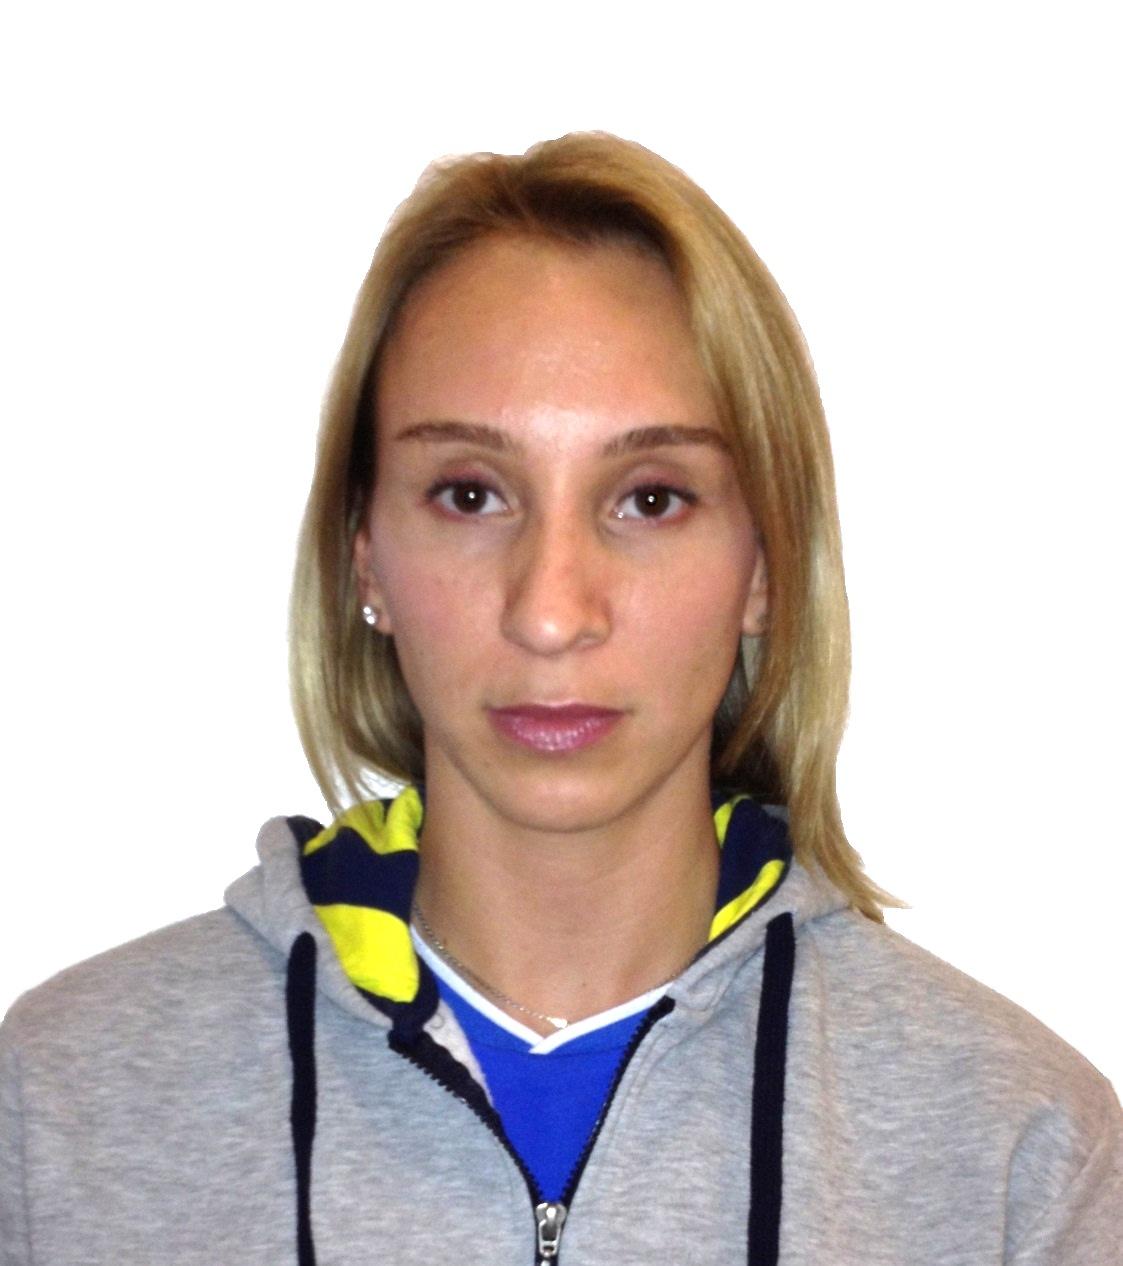 Liubov Shashkova